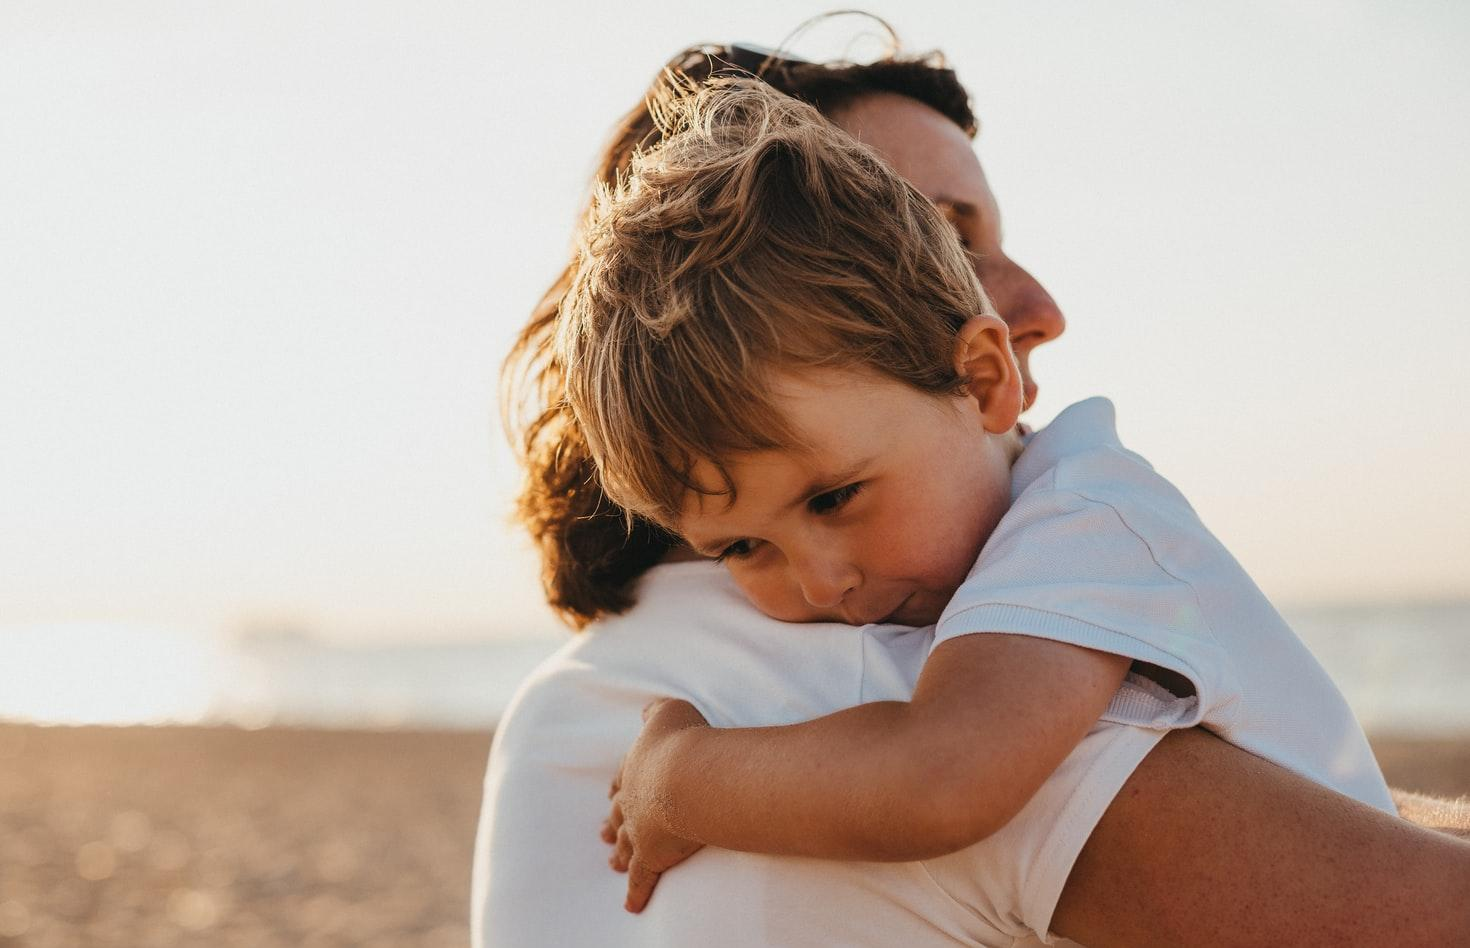 Деньги выделены: кто получит детские пособия в ближайшее время - новости Афанасий